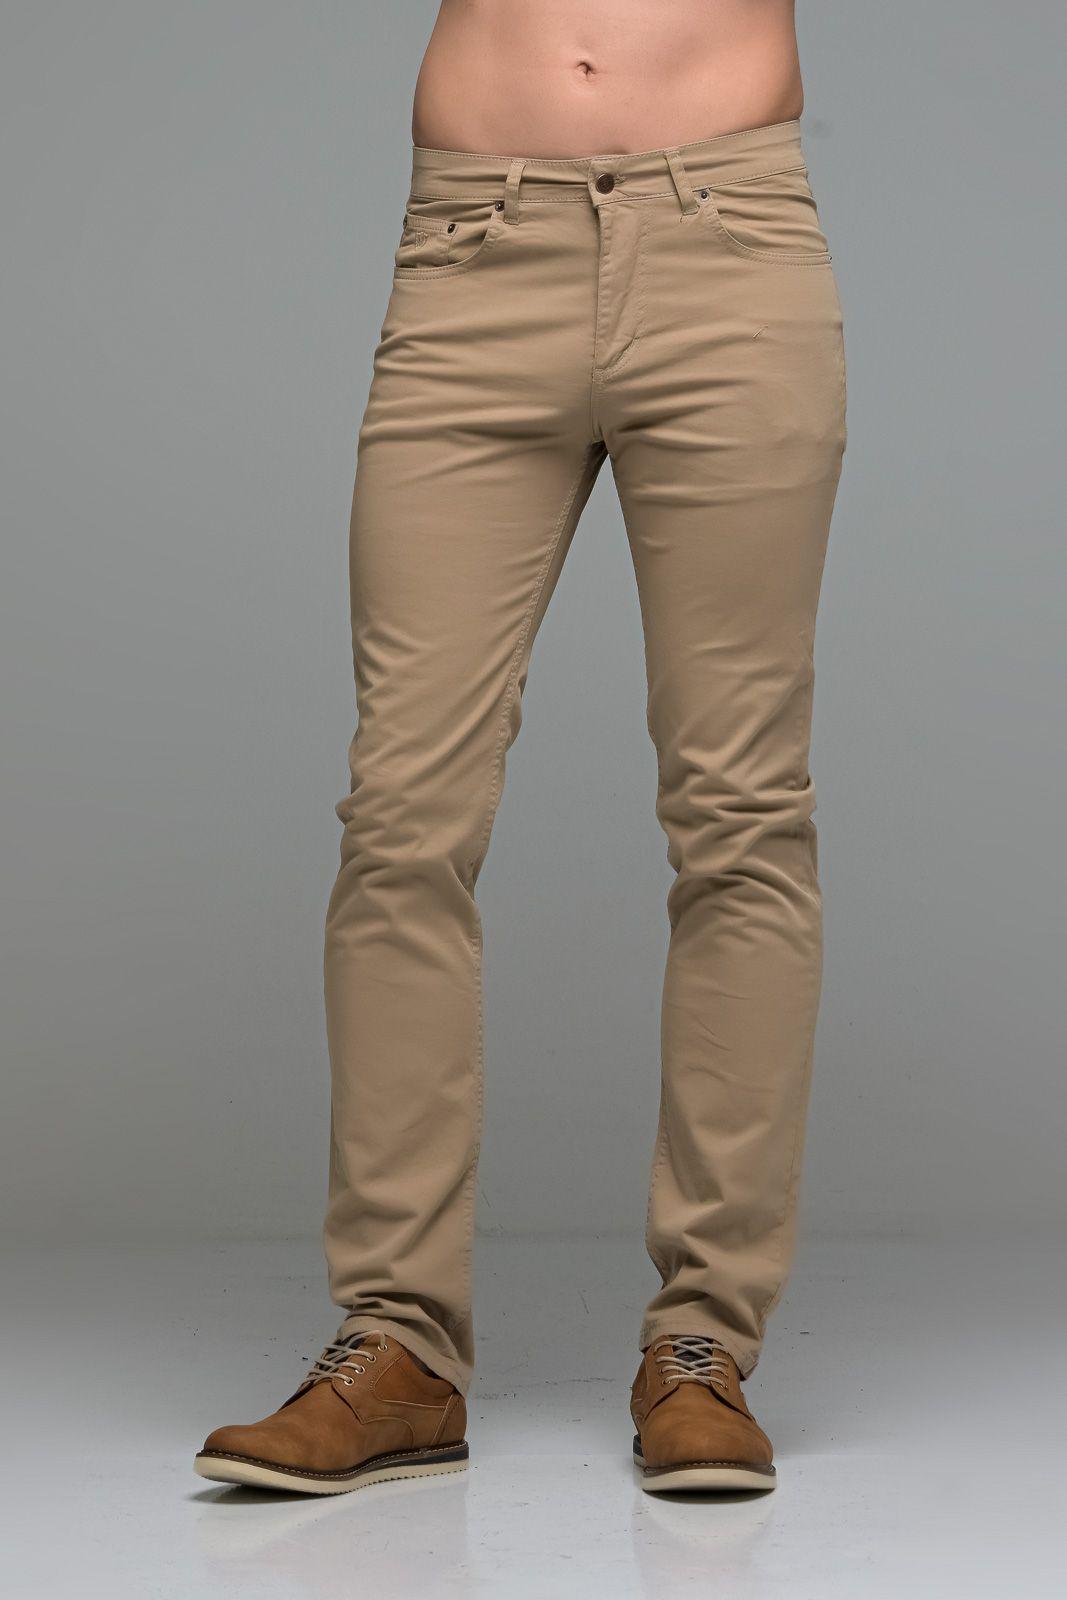 Καλοκαιρινό Ανδρικό Παντελόνι Πεντάτσεπο MASSARO Μπεζ- Straight fit